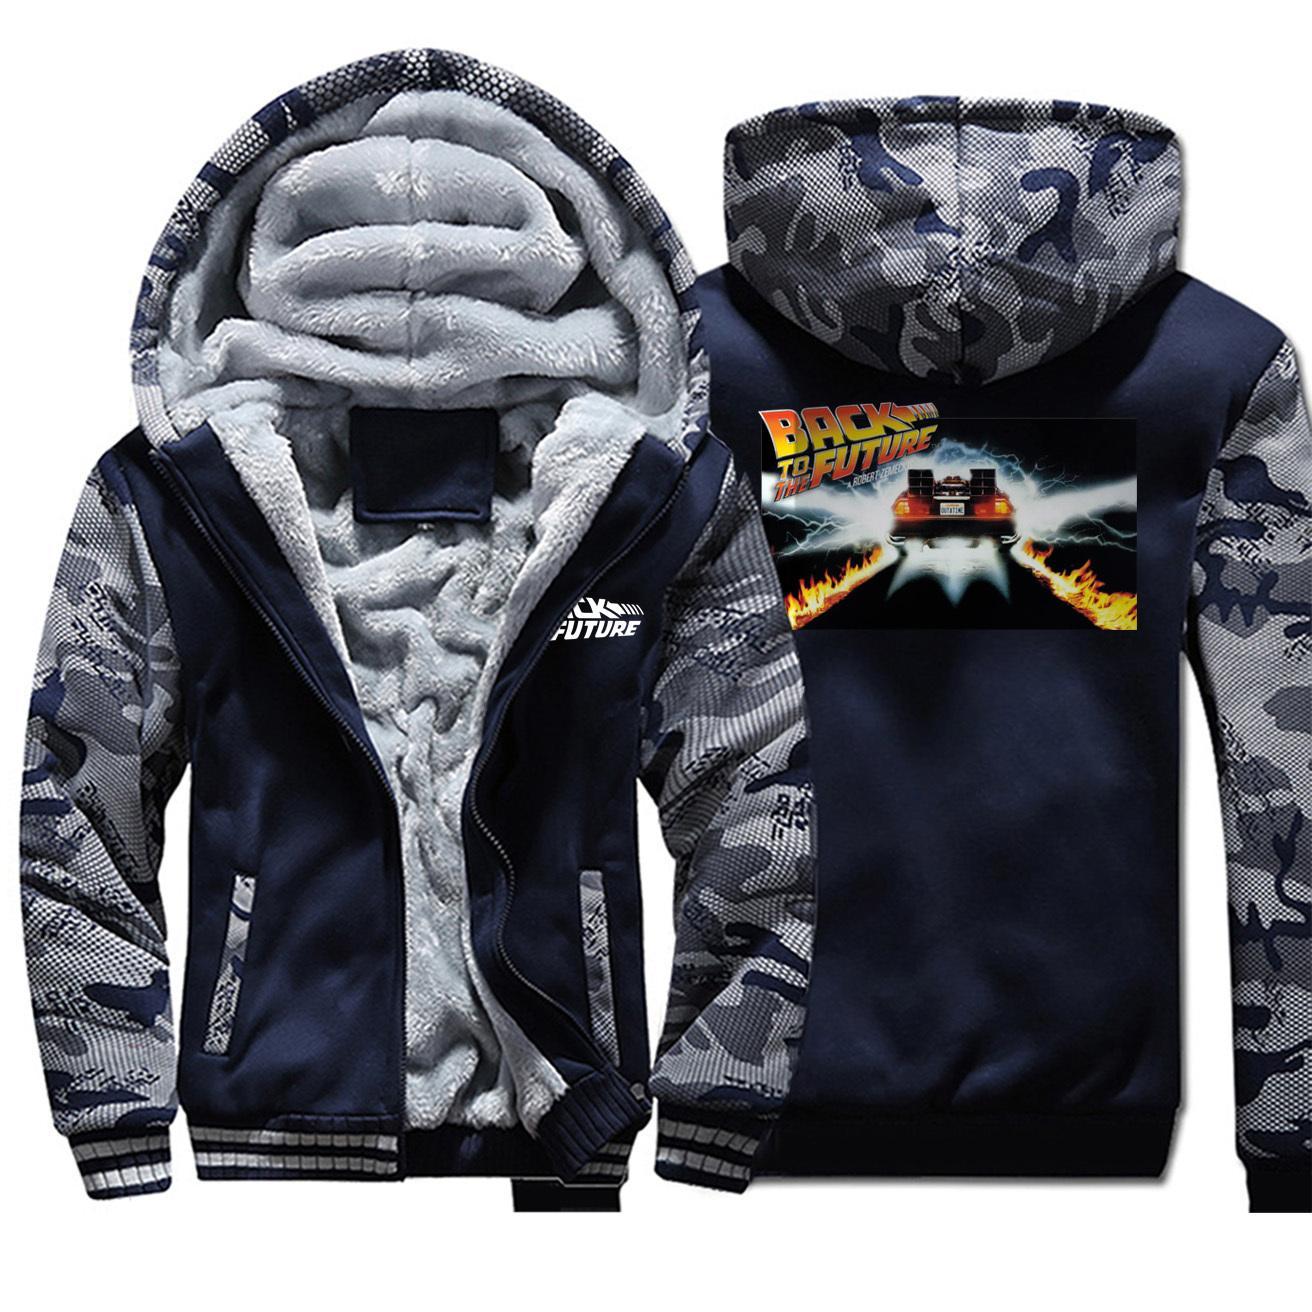 Мужские камуфляжные камуфляж плюс обратно в будущее мода с капюшоном бархатная толстая куртка Толстовка осень зима зима повседневная одежда молнии